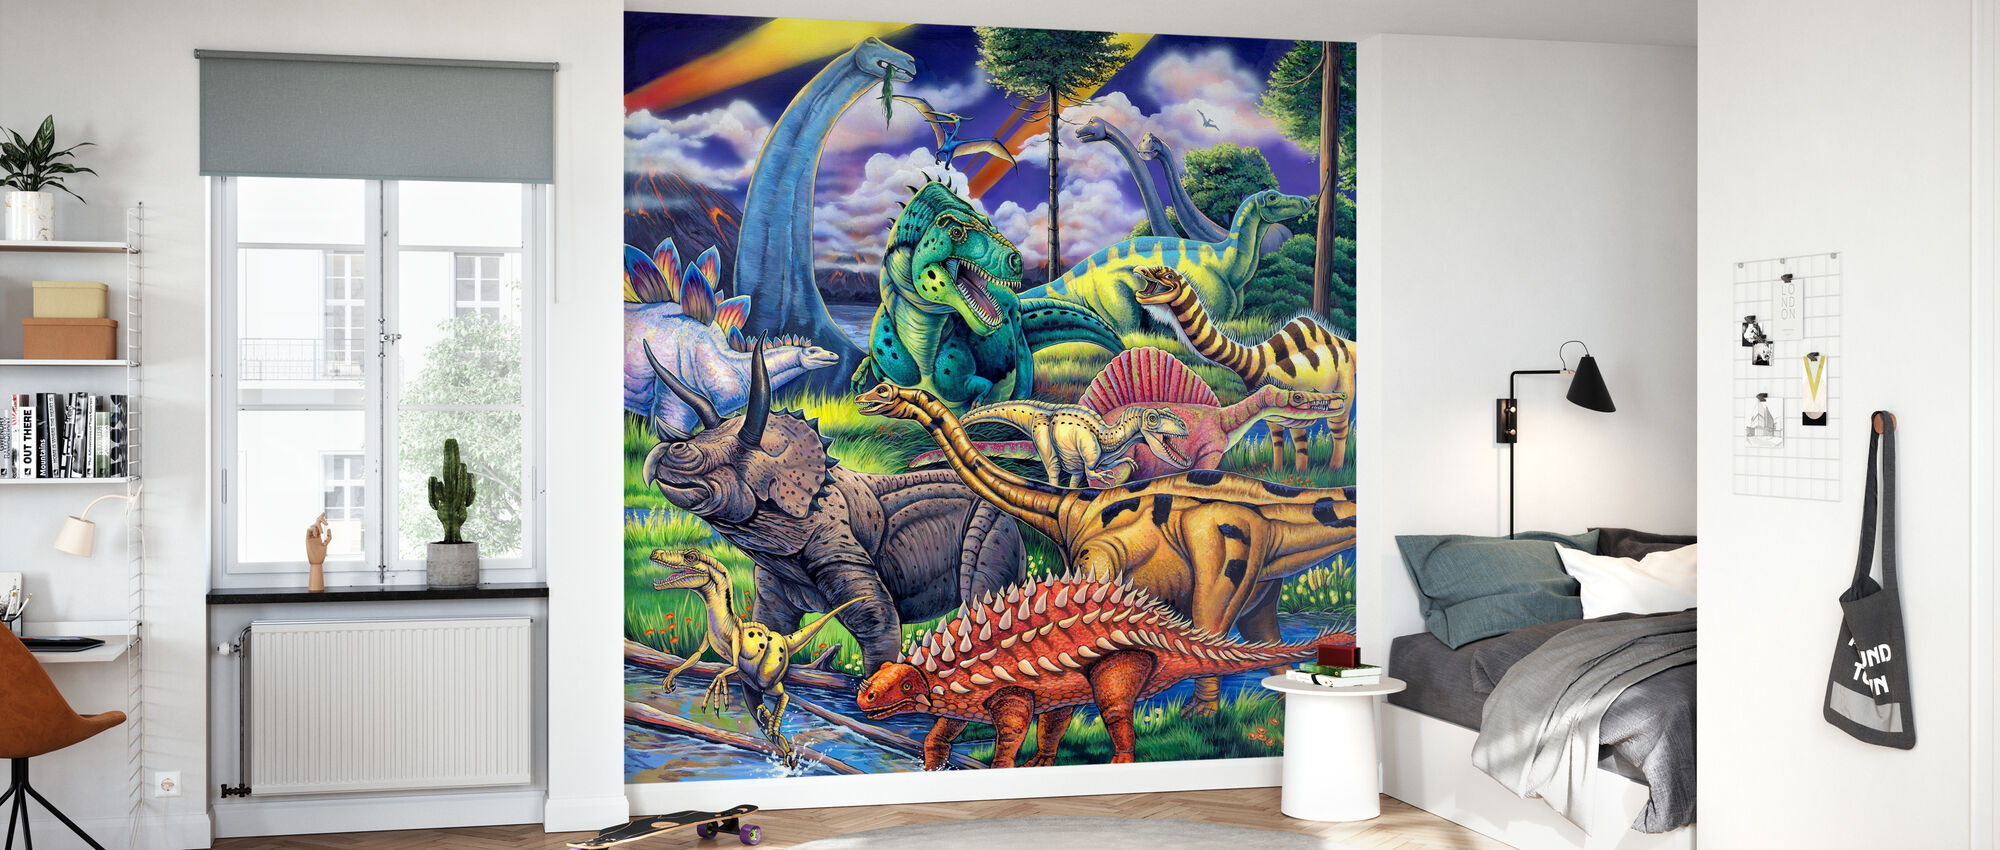 Dinosaur Friends - Wallpaper - Kids Room